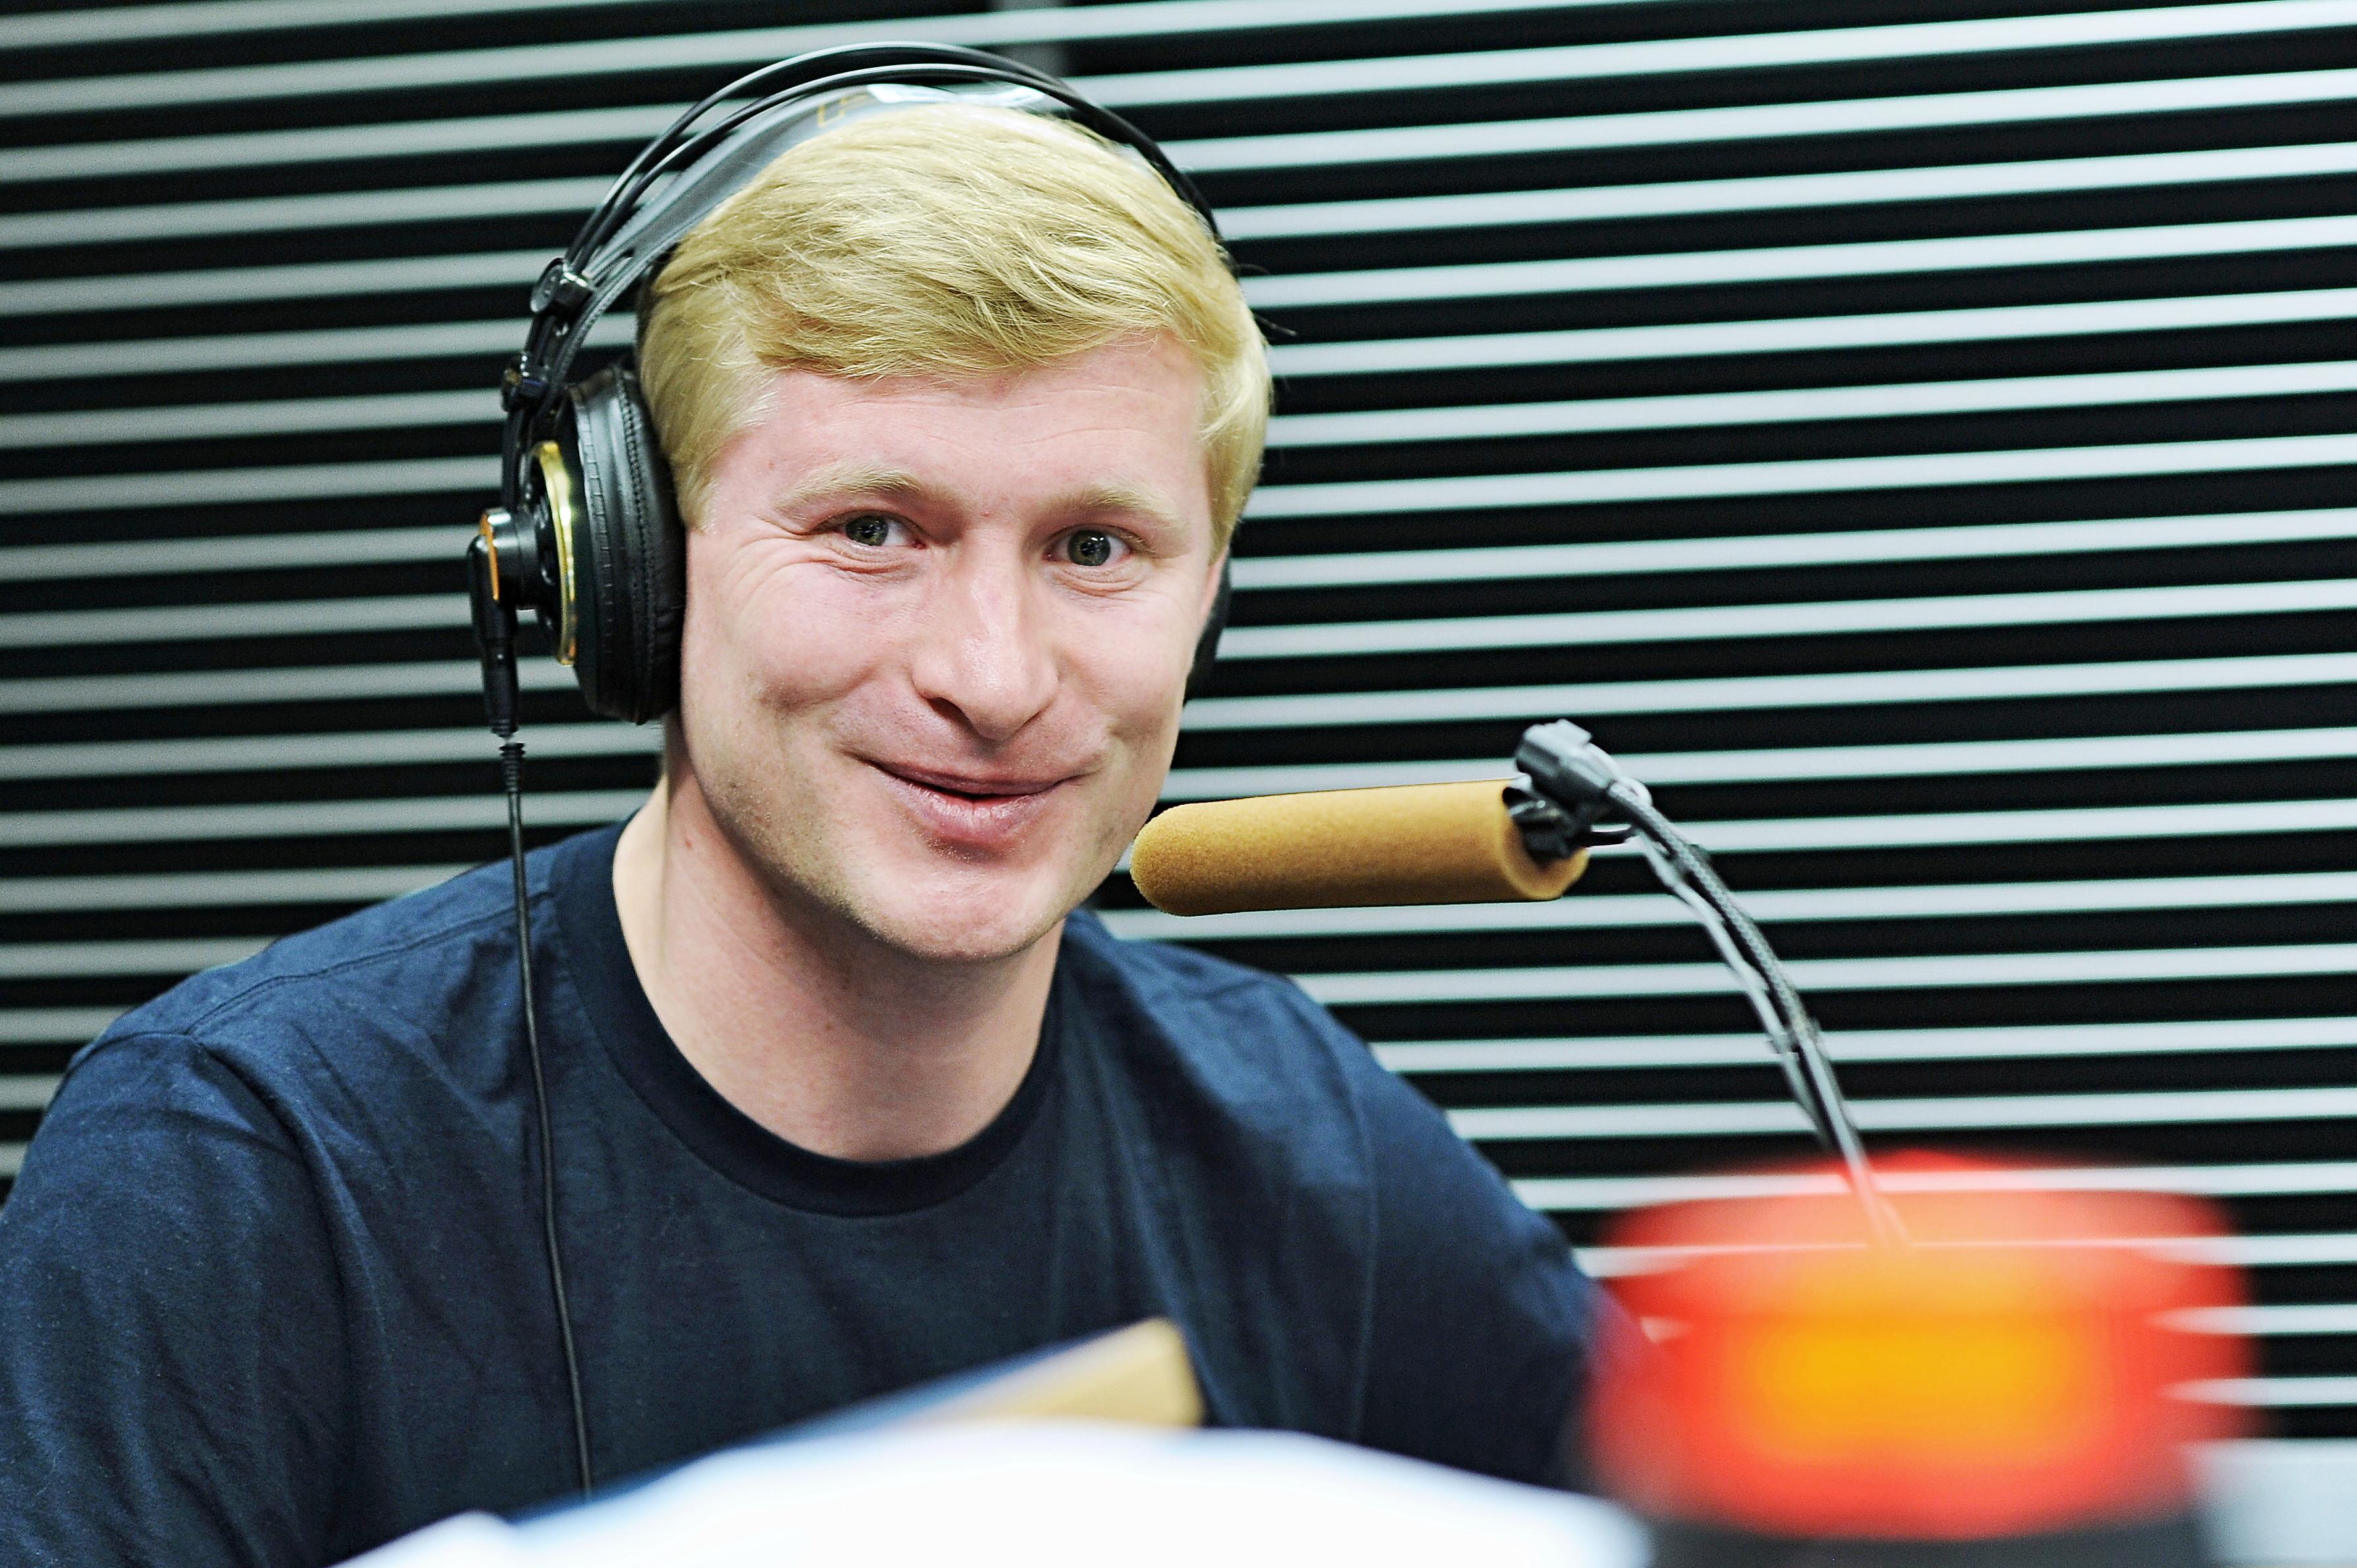 Liberecký rodák, herec Ladislav Hampl byl speciálním hostem Dopoledne pod Ještědem 2. listopadu, kdy Český rozhlas Liberec slavil 1. narozeniny